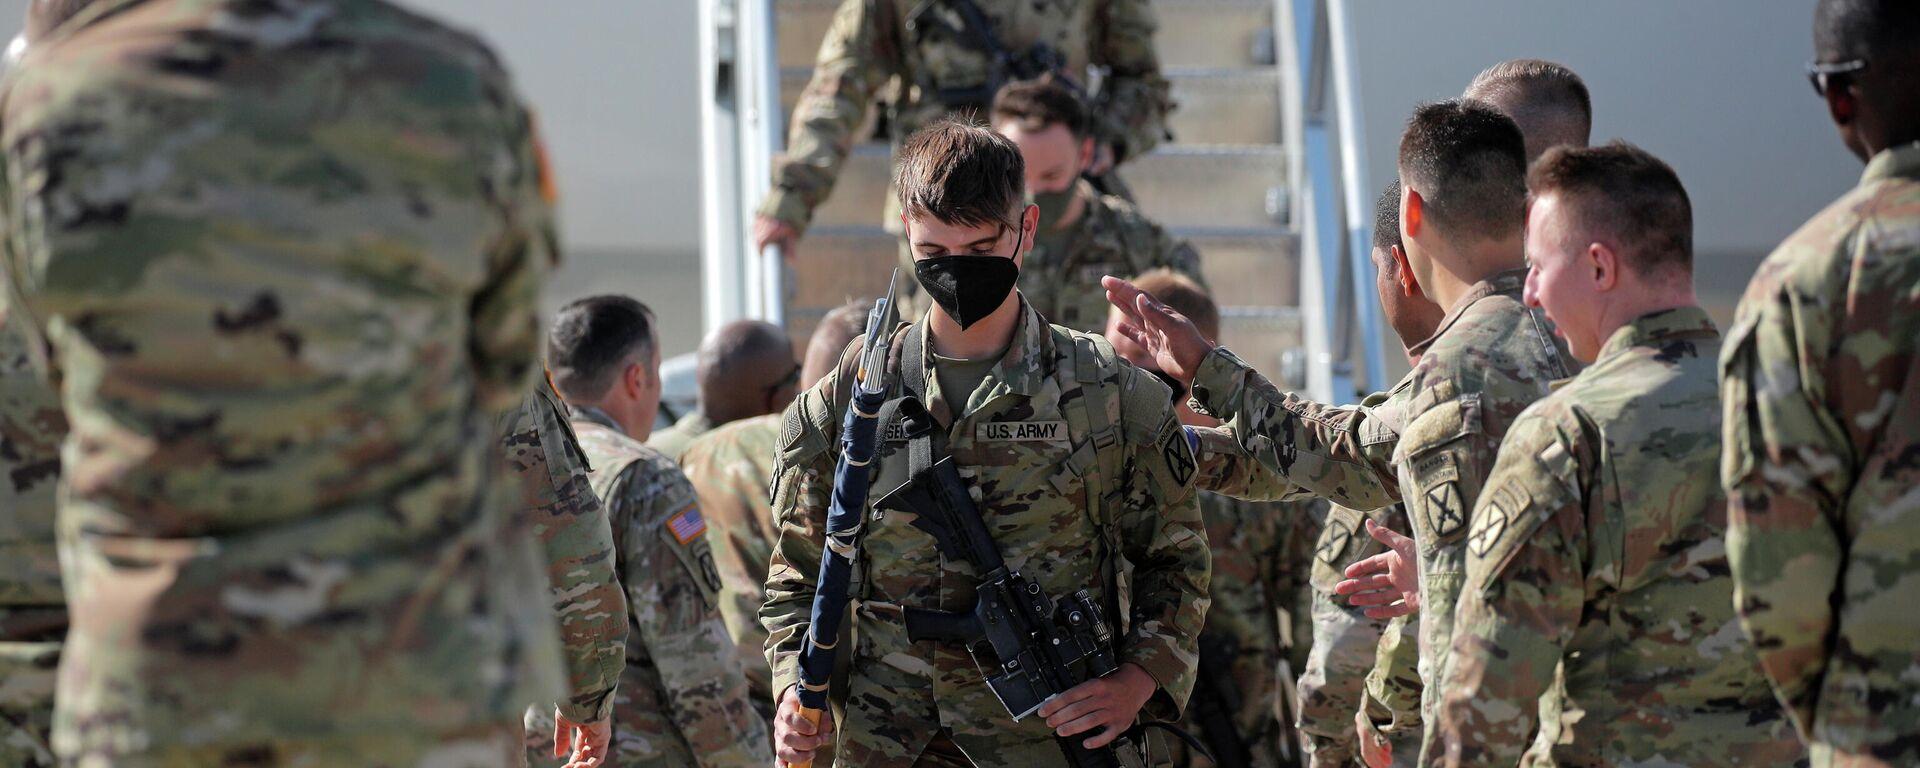 Солдаты США возвращаются домой после дислокации в Афганистане - Sputnik Таджикистан, 1920, 08.10.2021